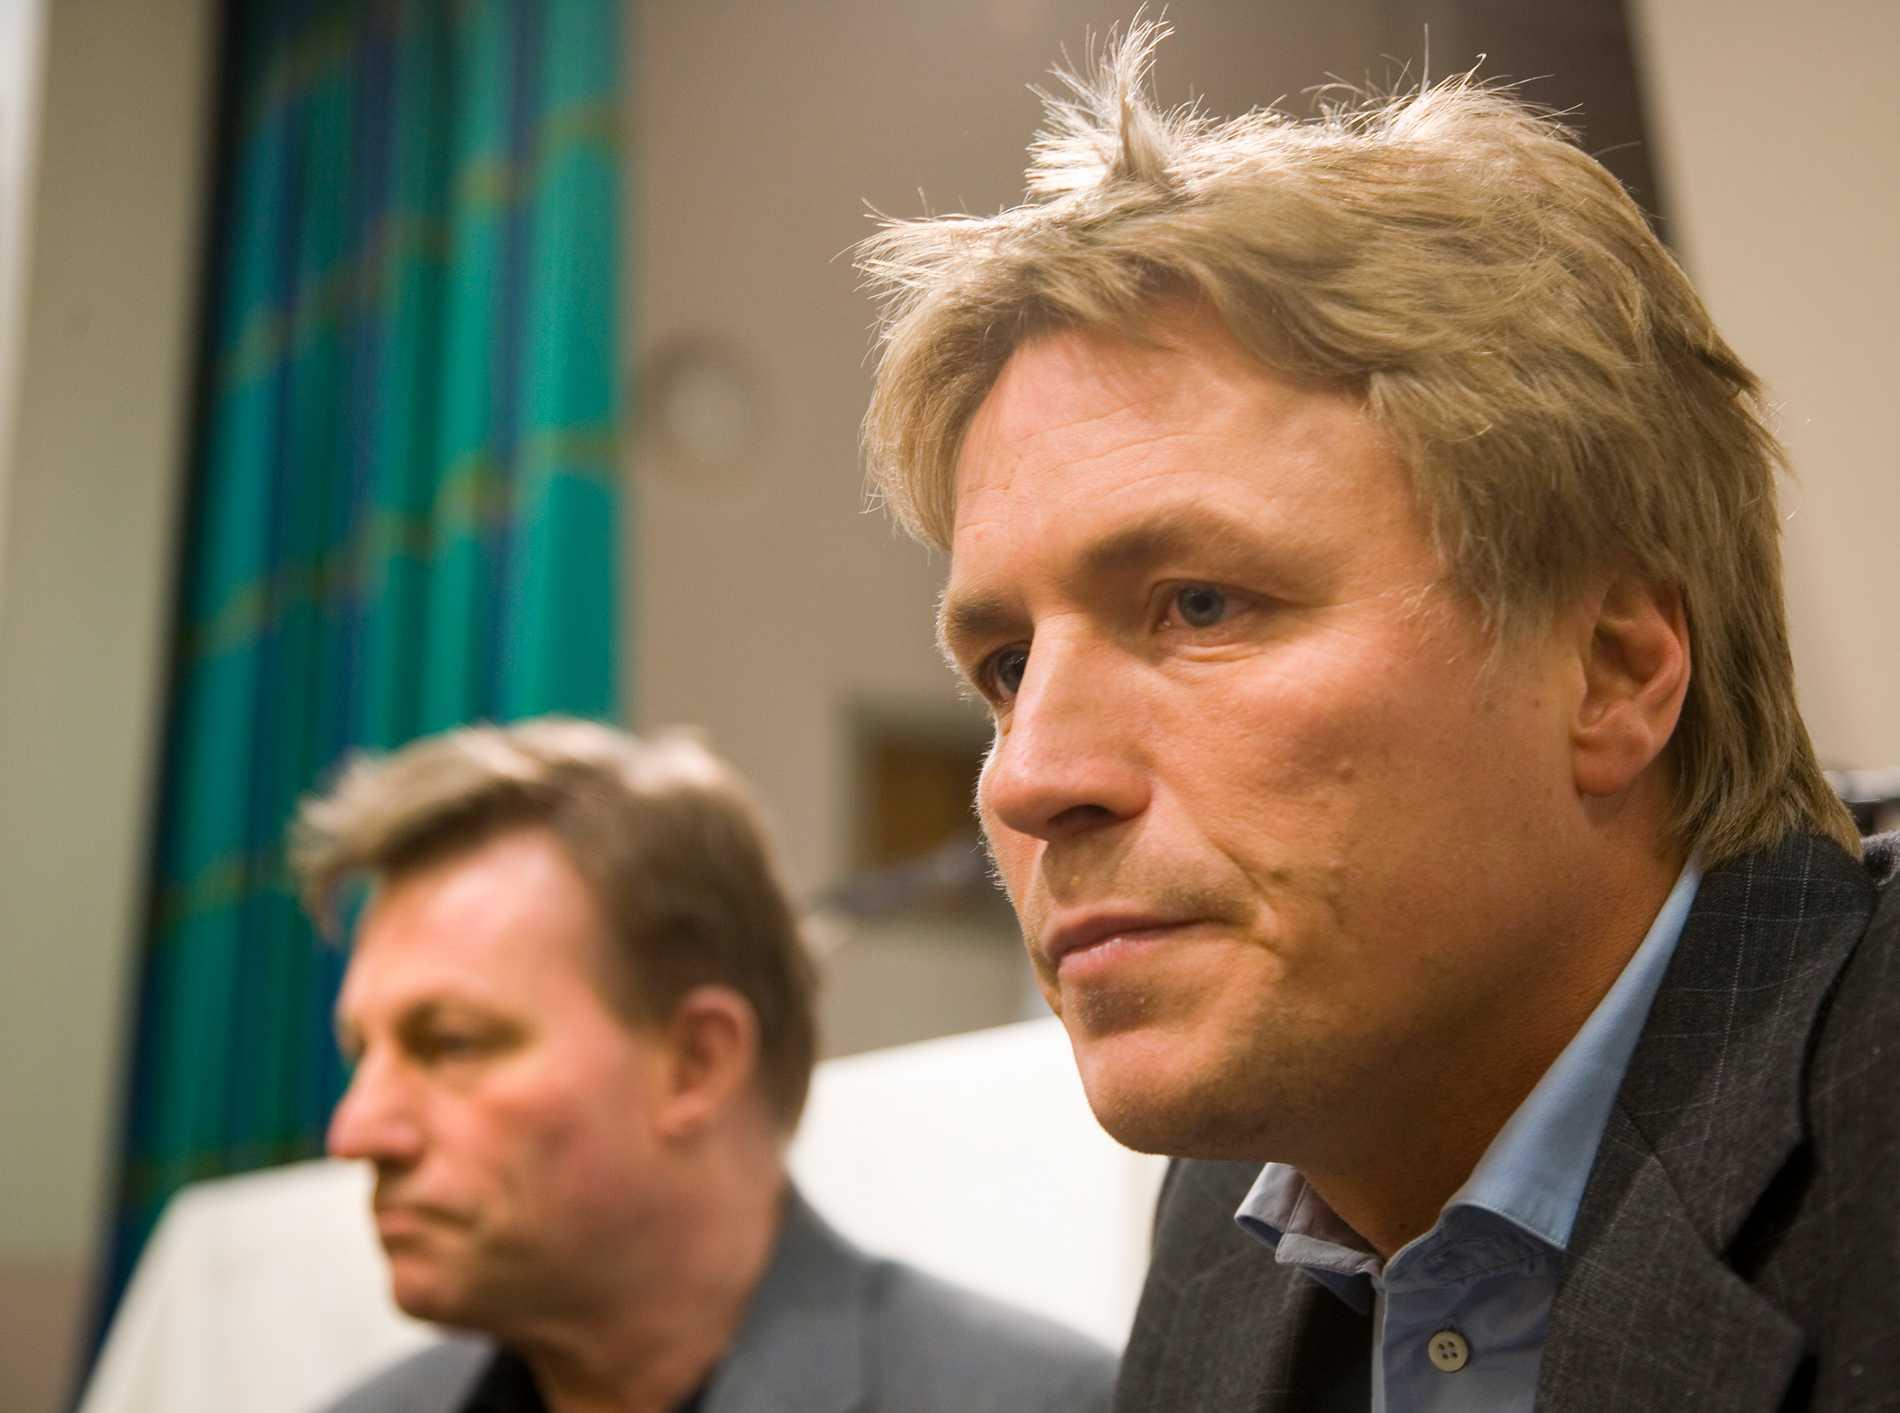 Arkivbild 2006. Dåvarande Jämställdhetsombudsmannen (Jämo) Claes Borgström, t.v. och justitieminister Thomas Bodström.  2007 startade de advokatbyrå tillsammans.